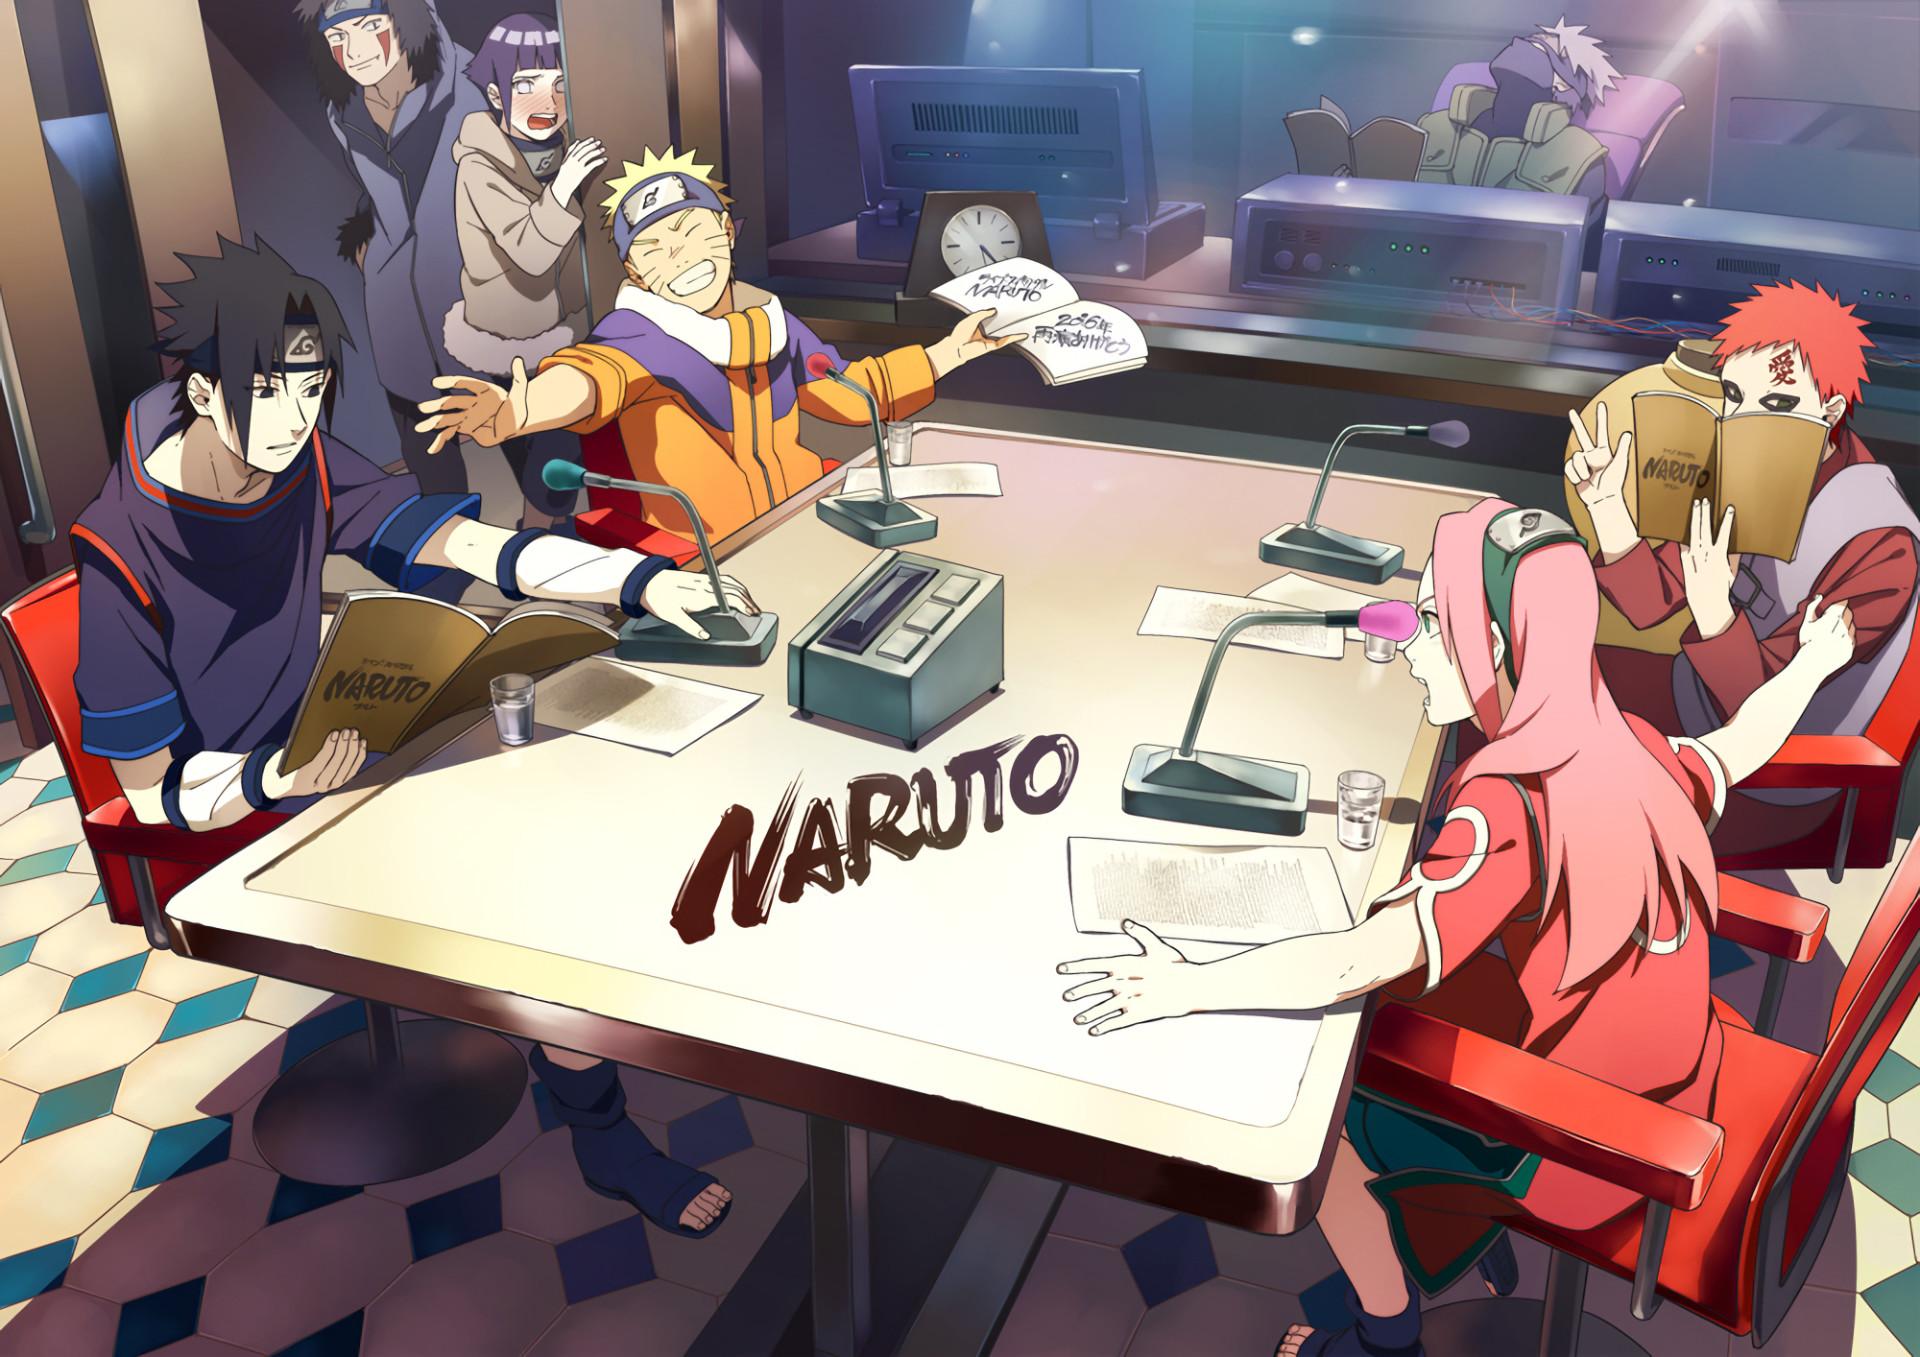 Res: 1920x1357, Anime - Naruto Gaara (Naruto) Kakashi Hatake Sasuke Uchiha Naruto Uzumaki  Hinata Hyūga Sakura